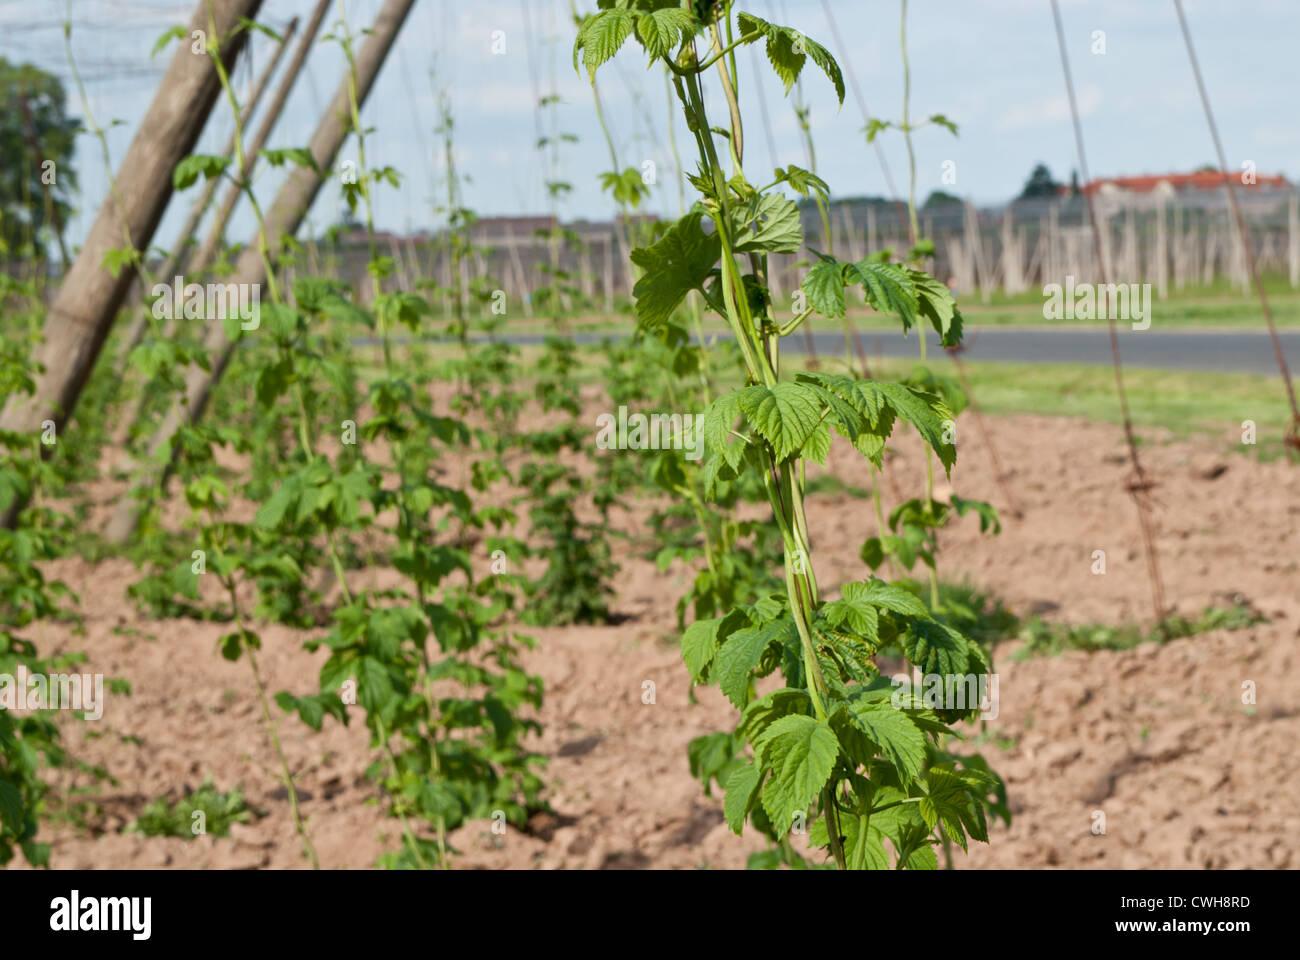 hop-garden, near Village of Steknik, Czech Republic - Stock Image